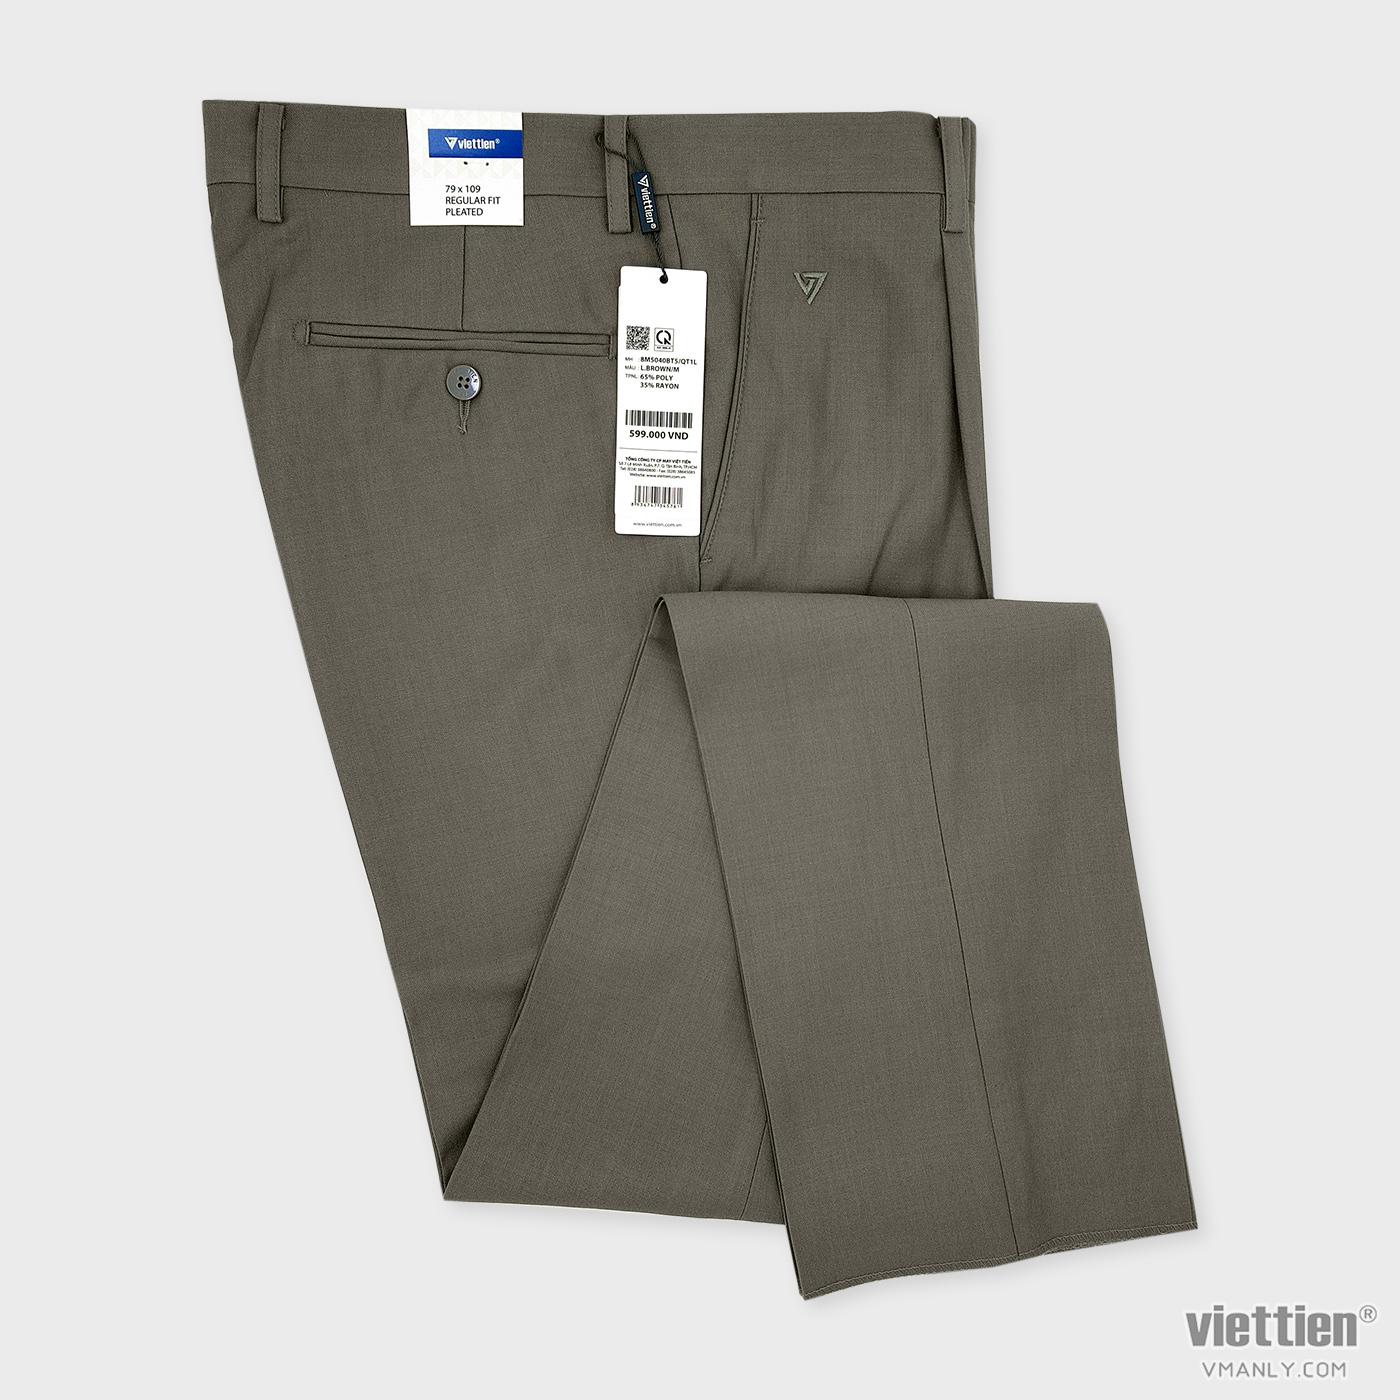 Quần tây Việt Tiến có li regular fit màu nâu sáng 8M5040BT5/QT1L